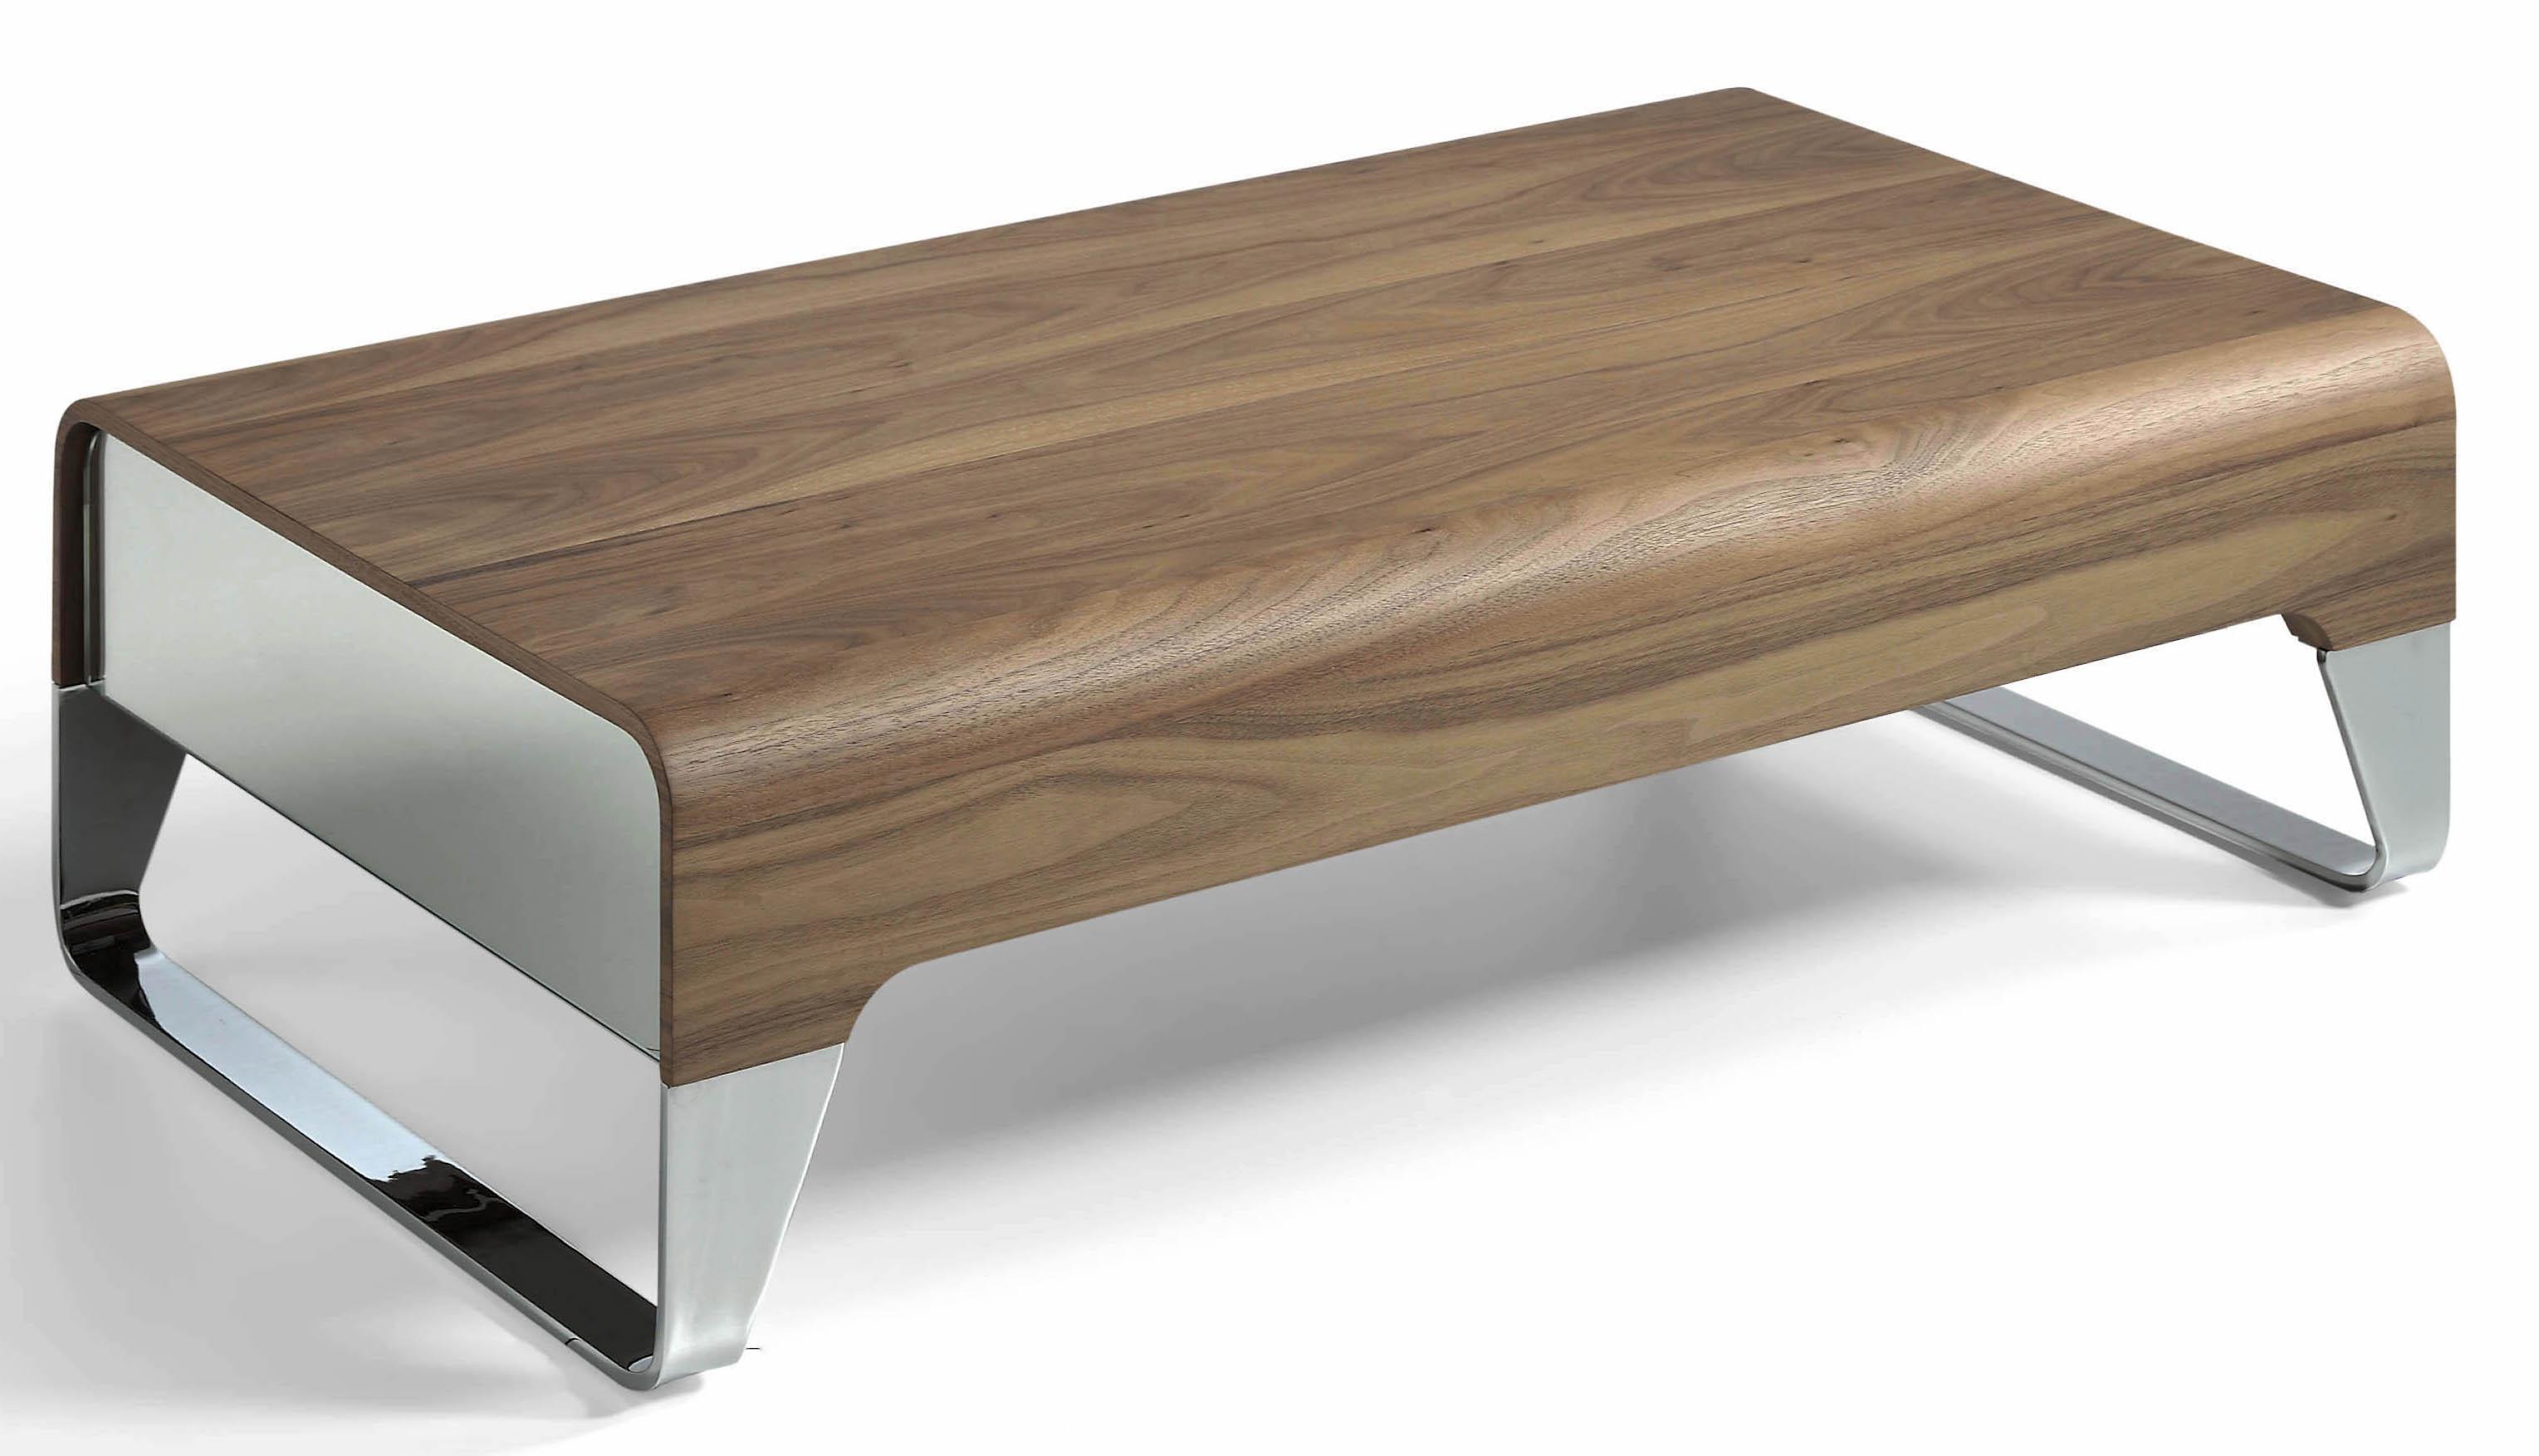 Table basse bois plaqu noyer et acier inoxydable louna - Table basse acier bois ...